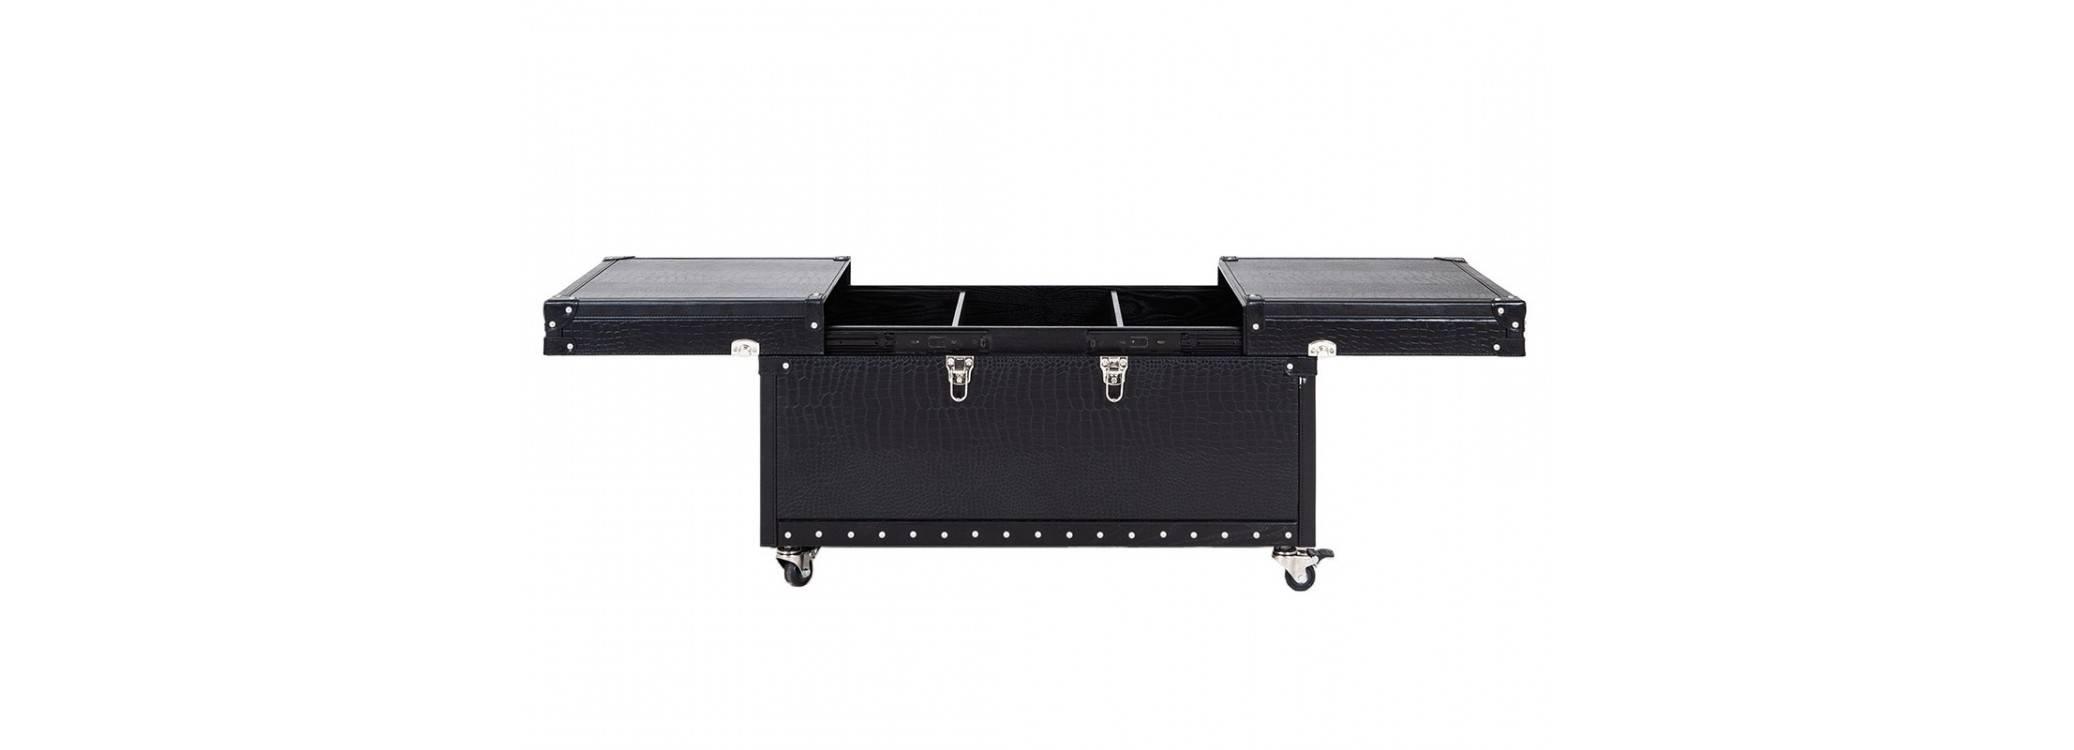 Table basse coffre de rangement Cap Horn petit modèle - Noir façon croco